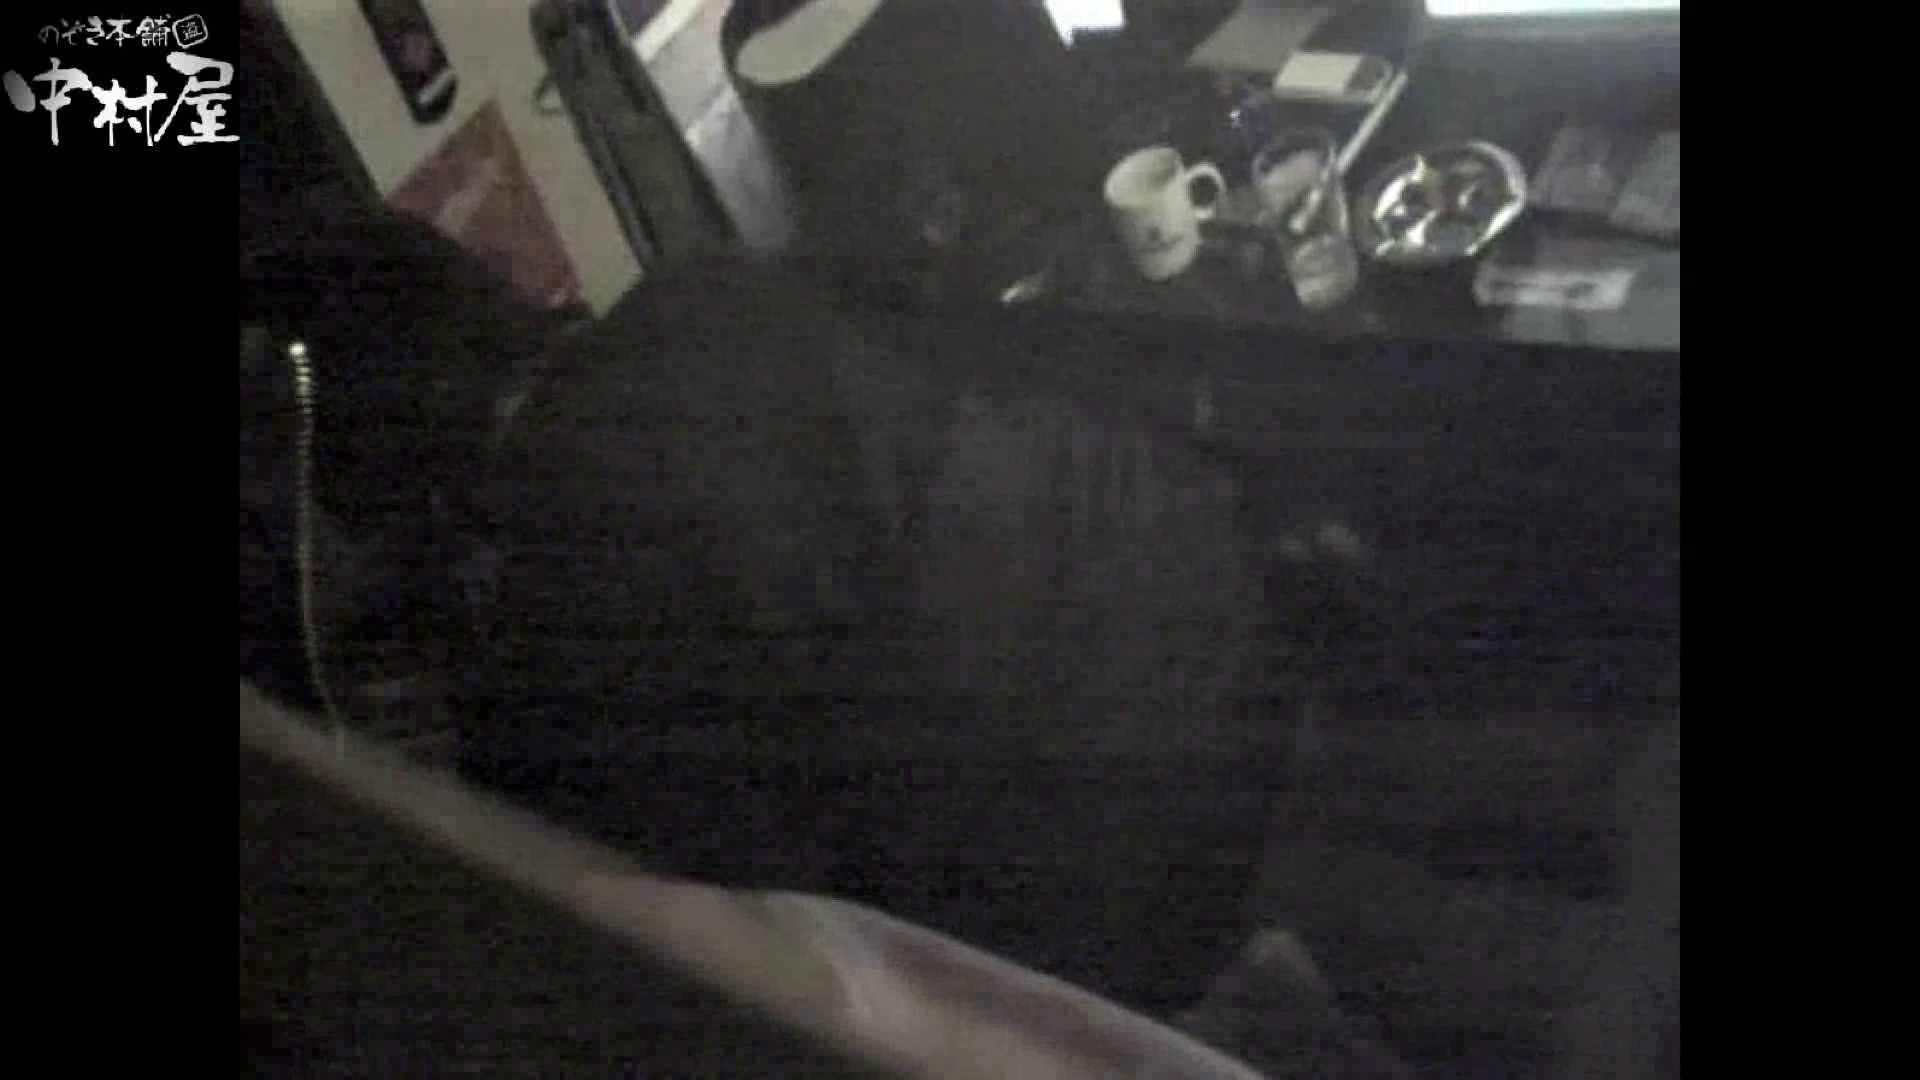 インターネットカフェの中で起こっている出来事 vol.007 OL女体 オマンコ無修正動画無料 64連発 47